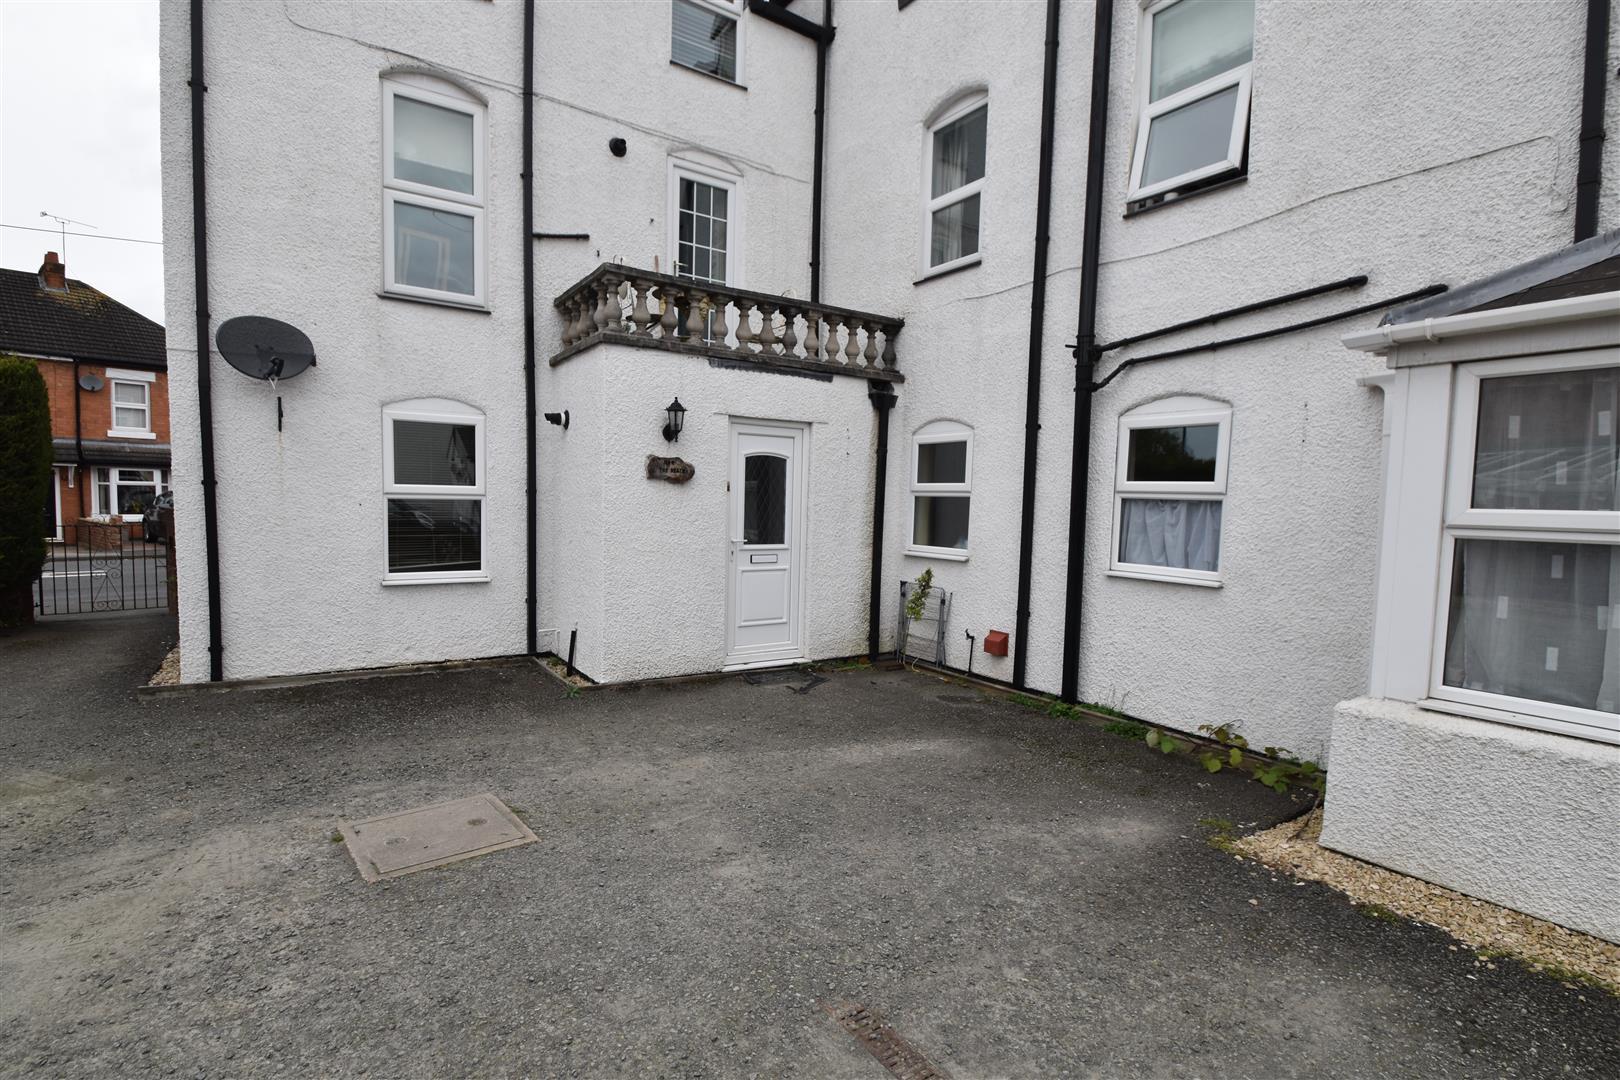 2 Bedrooms Flat for rent in Berkley Gardens, Fernhill Heath, Worcester